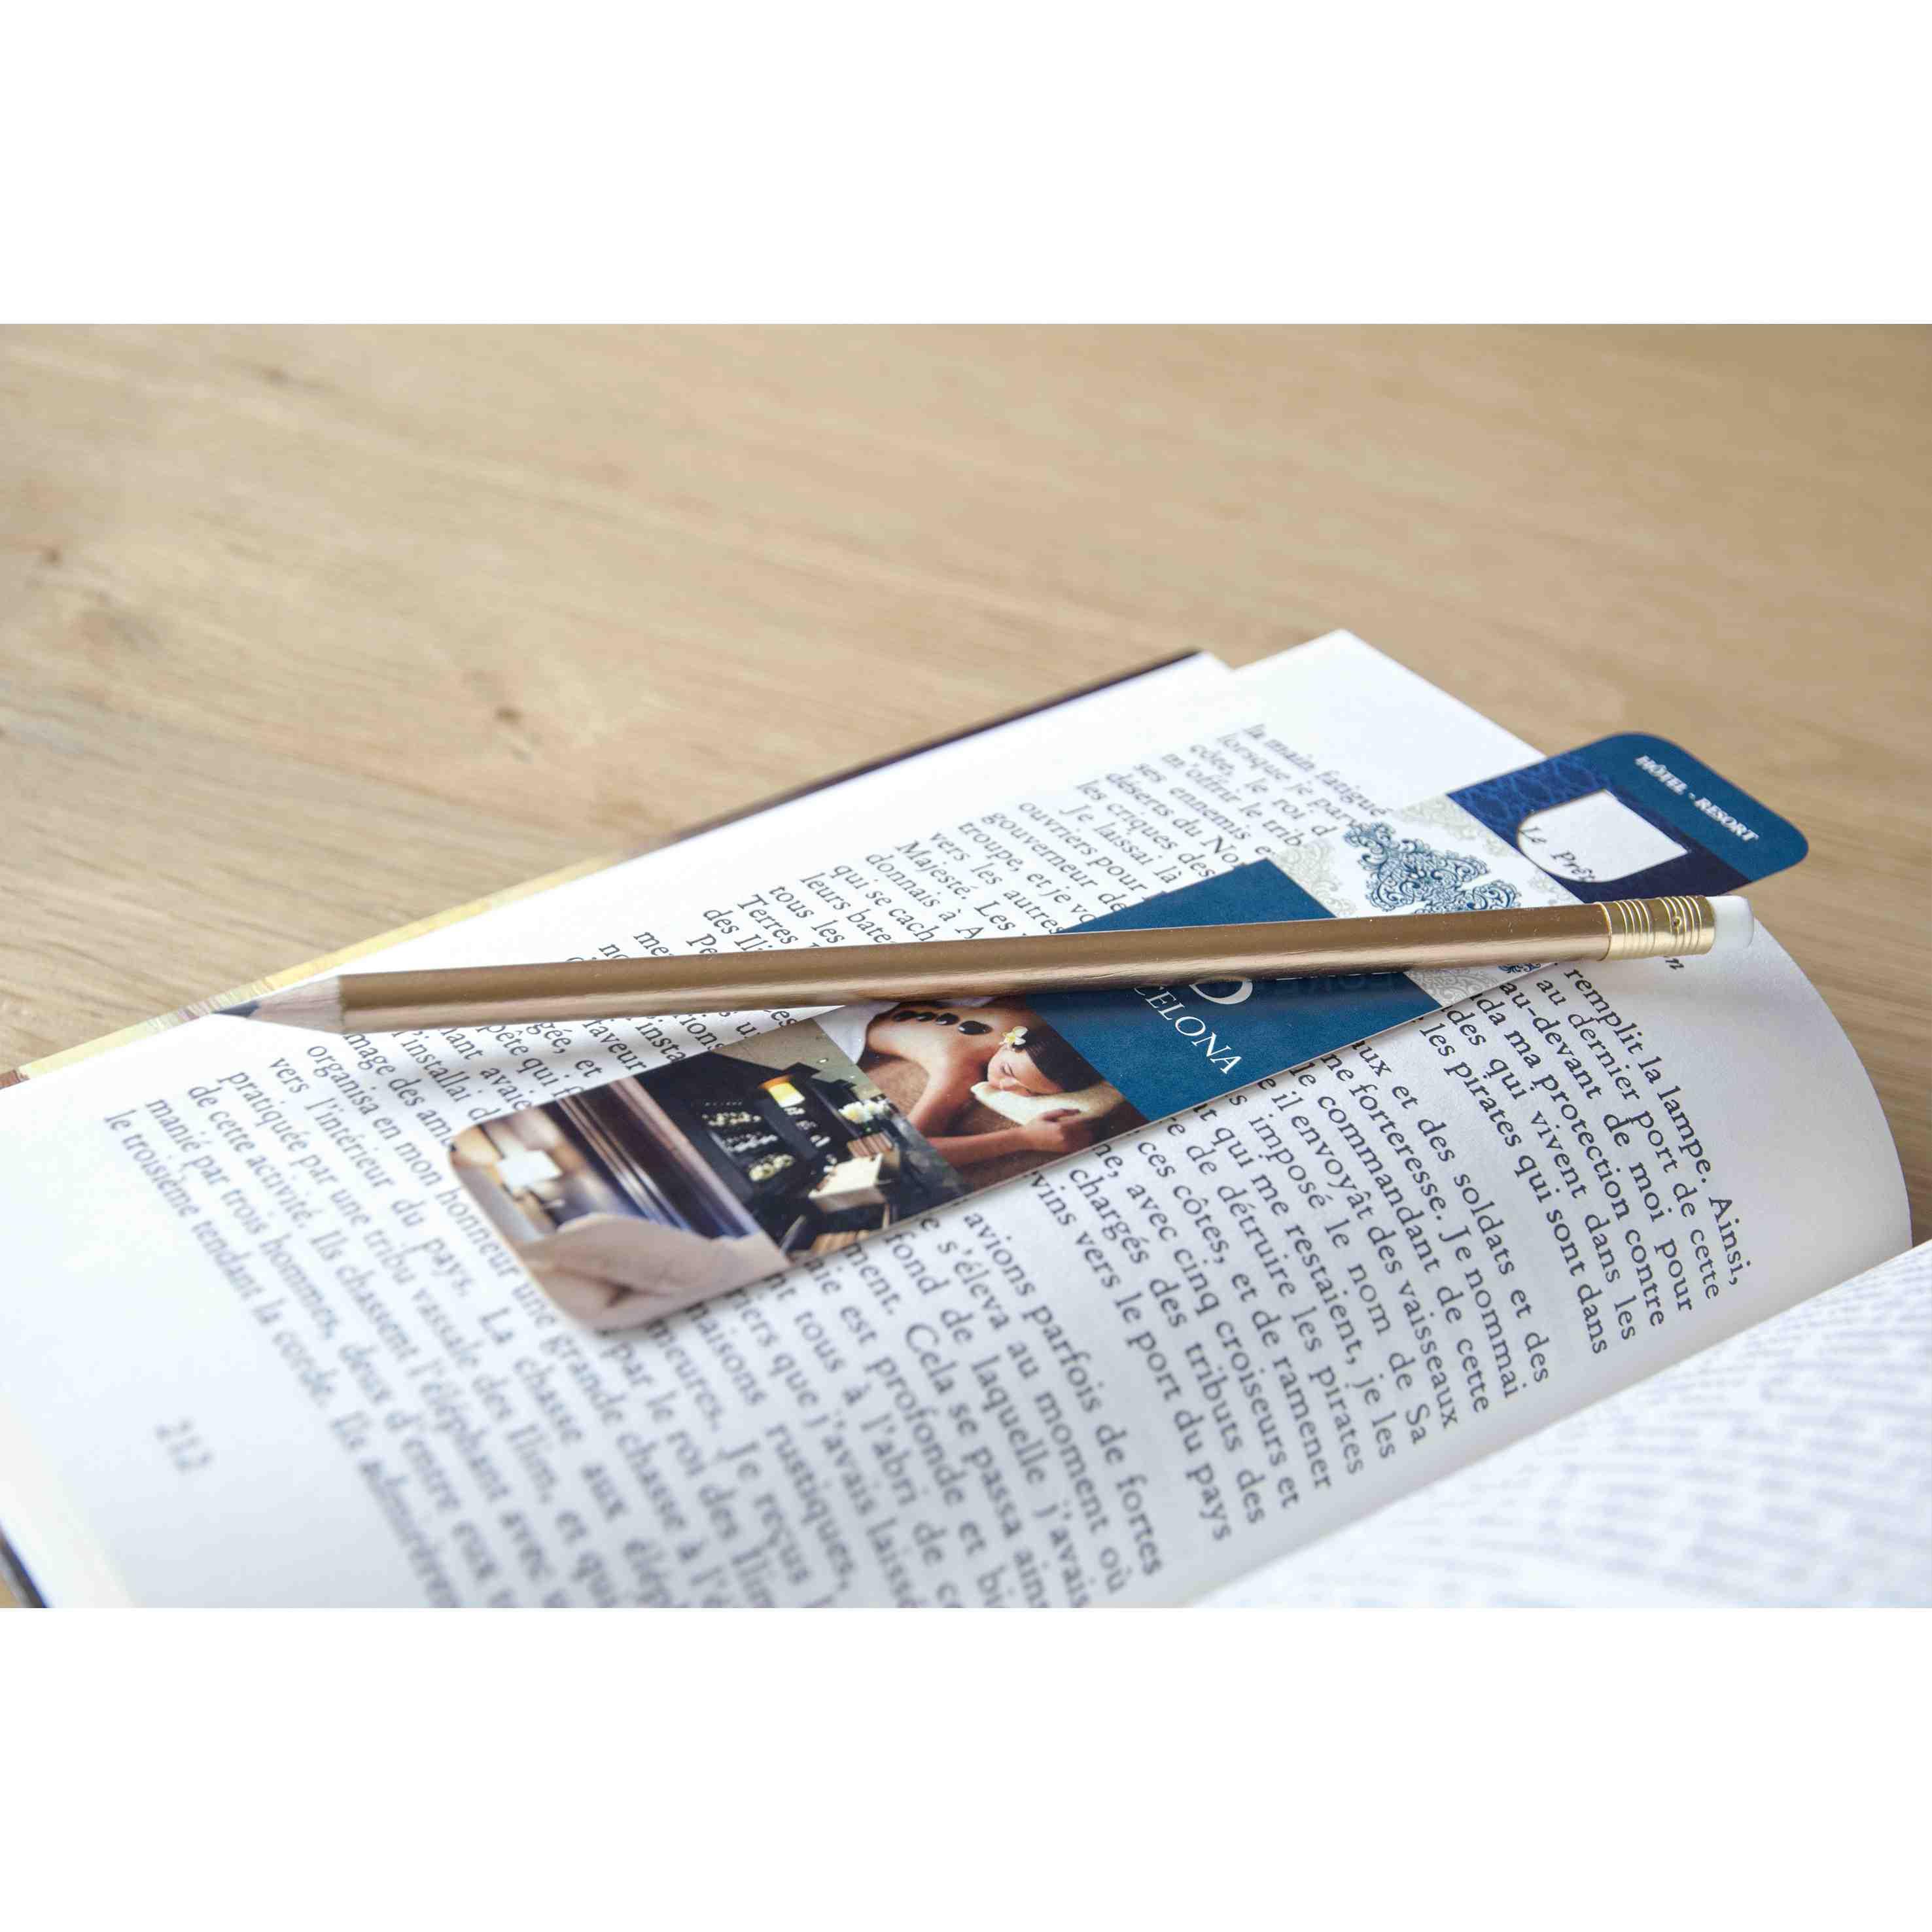 kit de papeterie publicitaire écolo - crayon papier pantone et marque-page 19 cm Panty